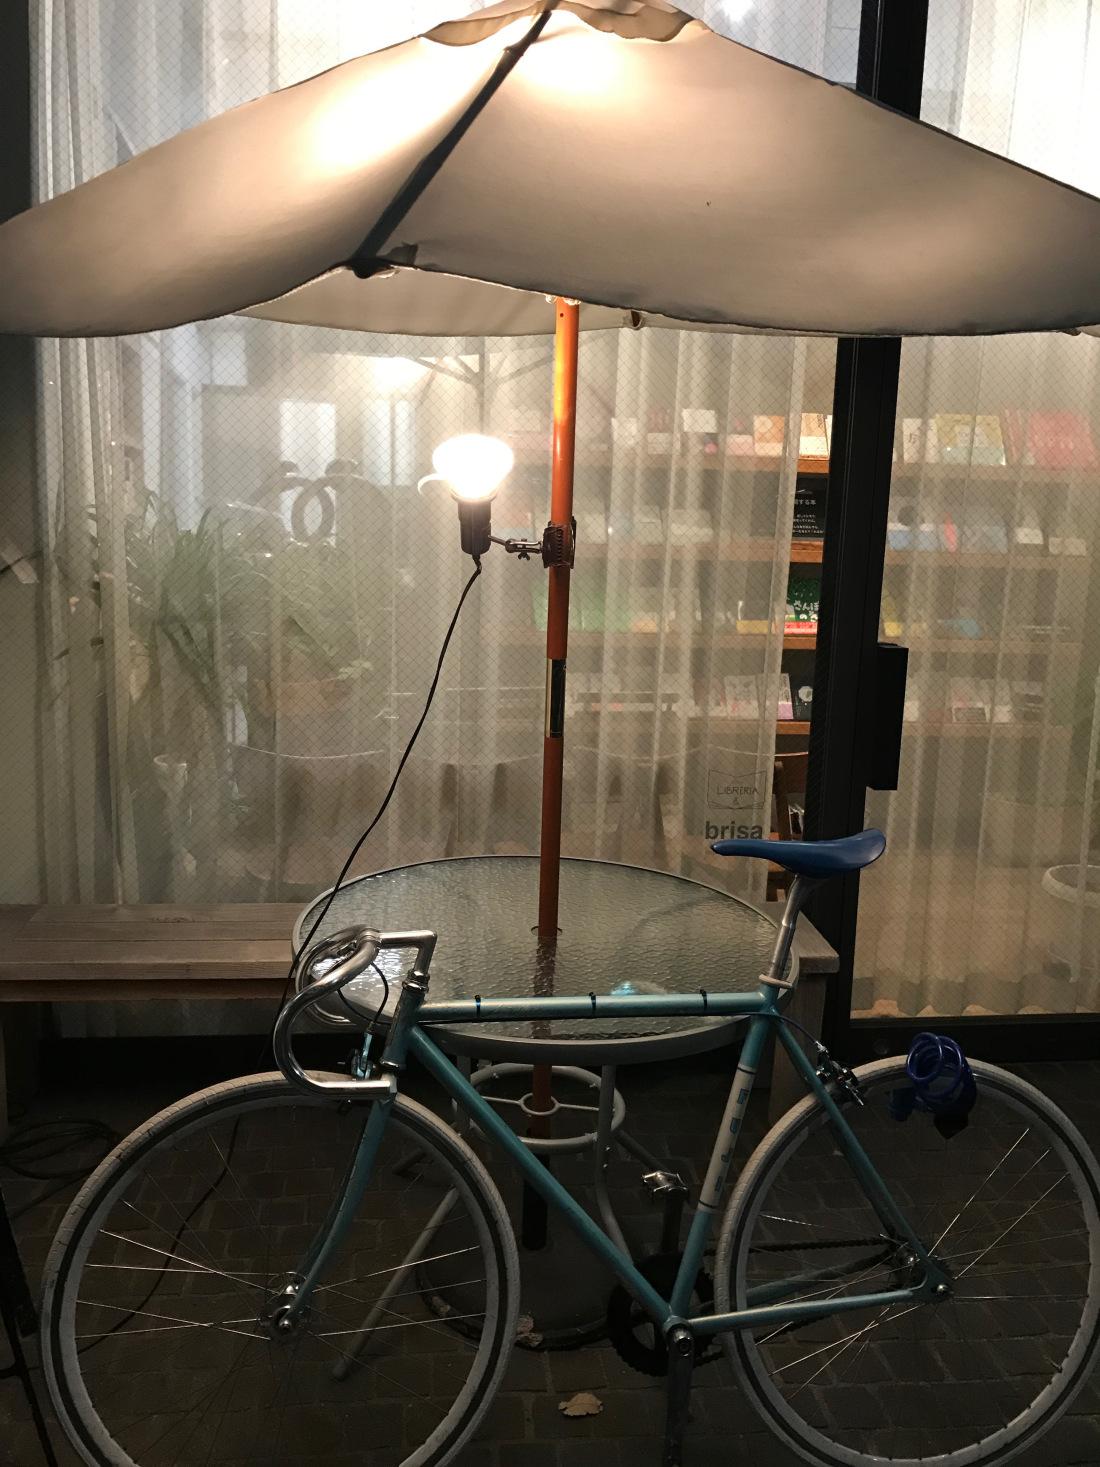 tokyoumbrellaandbike